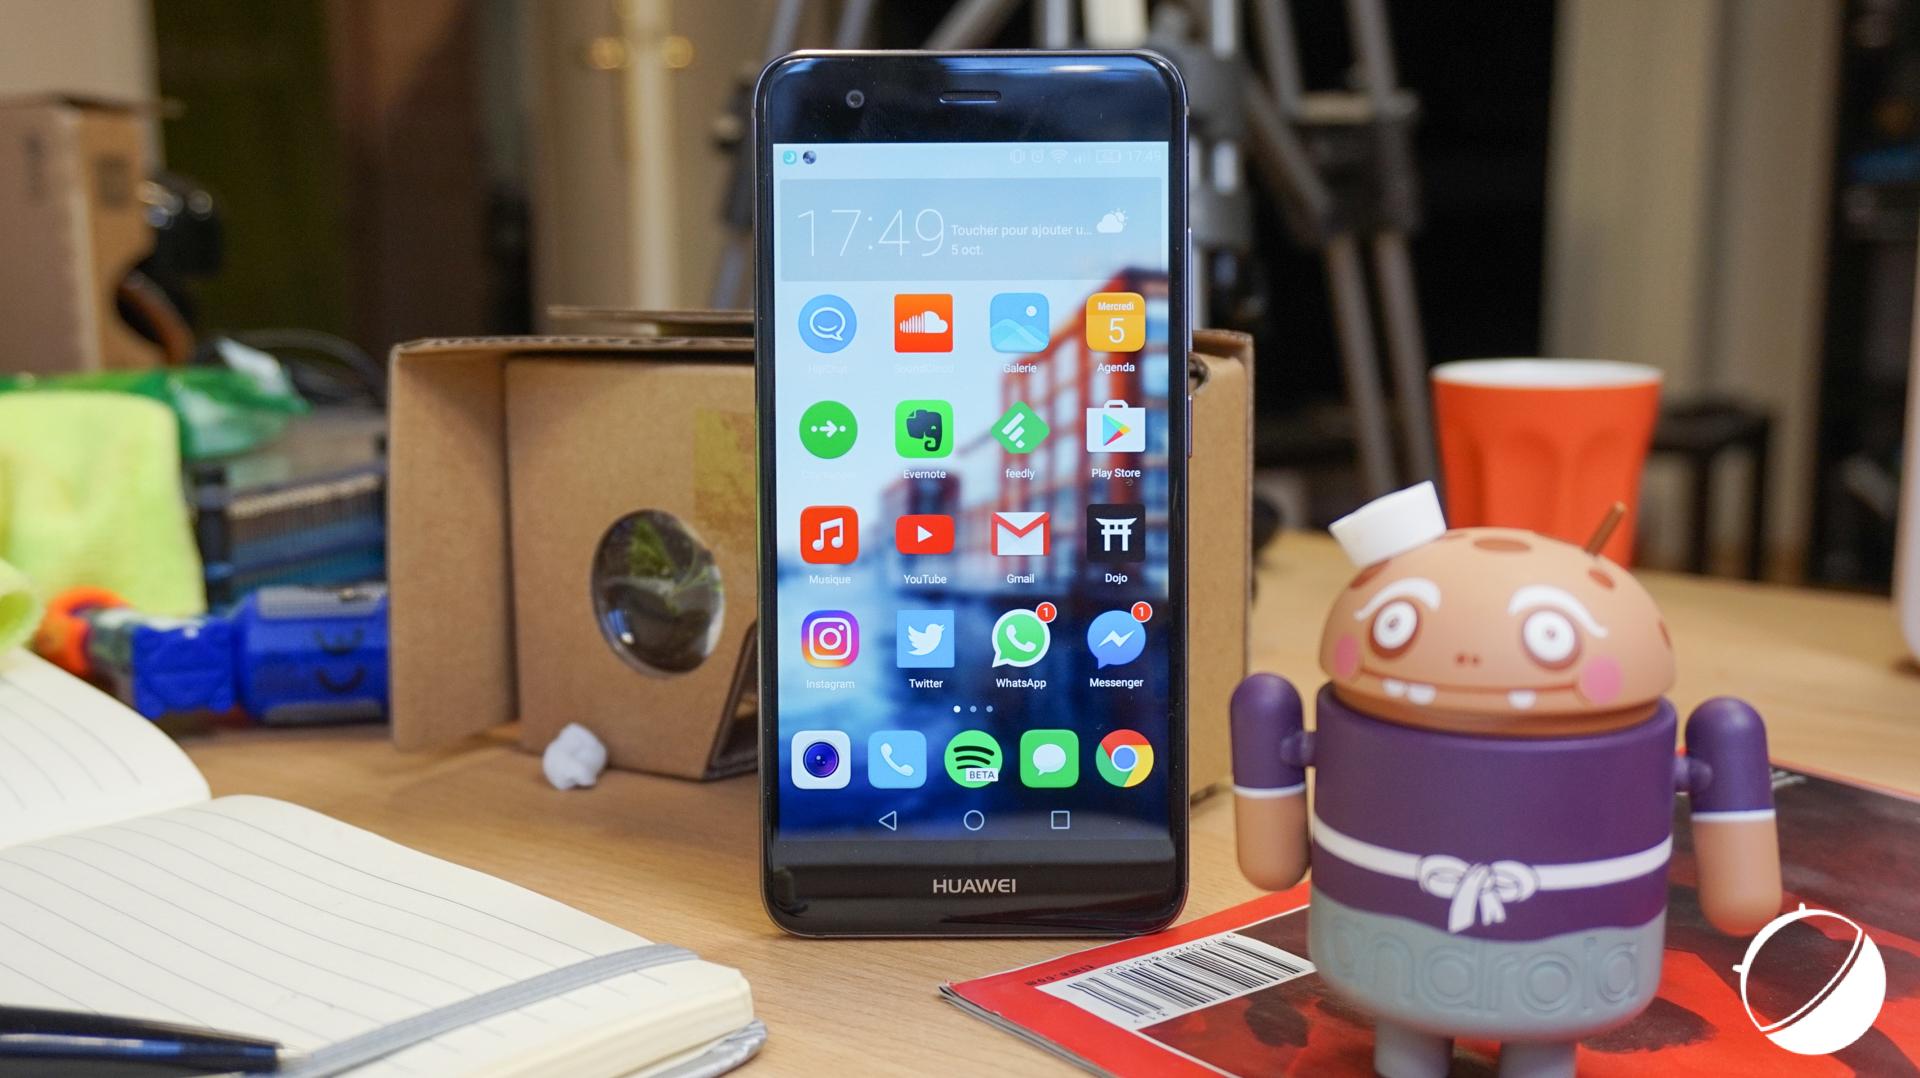 🔥 Bon plan : Le Huawei Nova à 199 euros au lieu de 369 euros sur Rue du Commerce